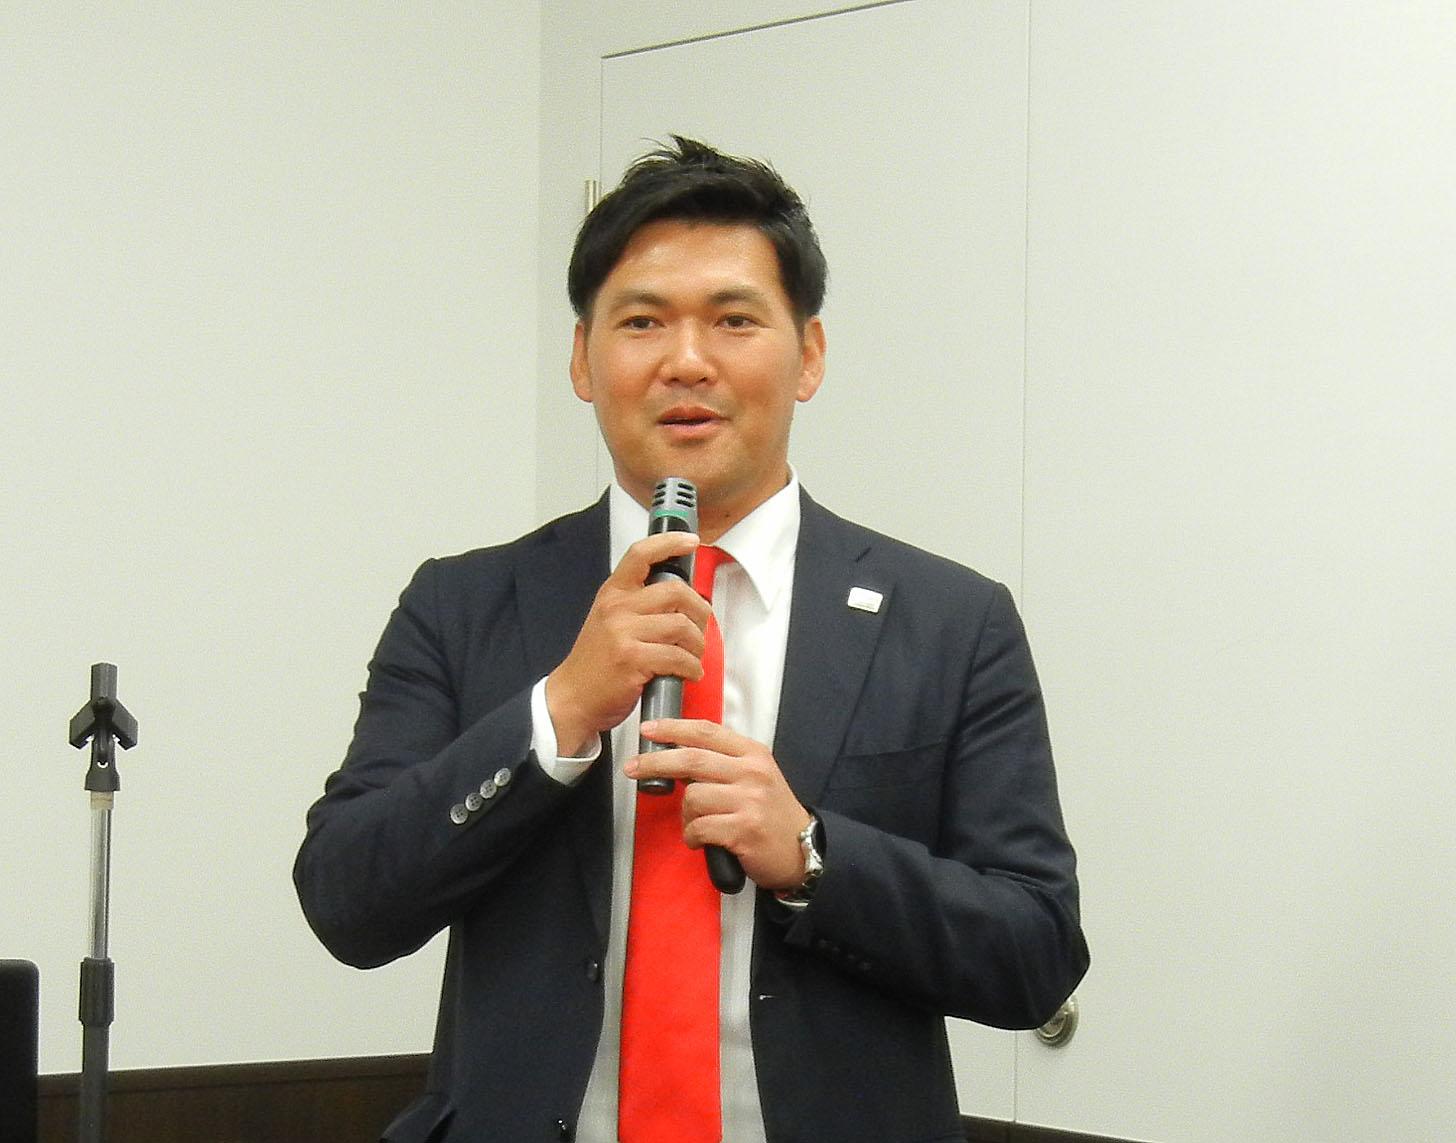 今年のアグフアの所信を表明した日本アグフア・ゲバルトの岡本社長